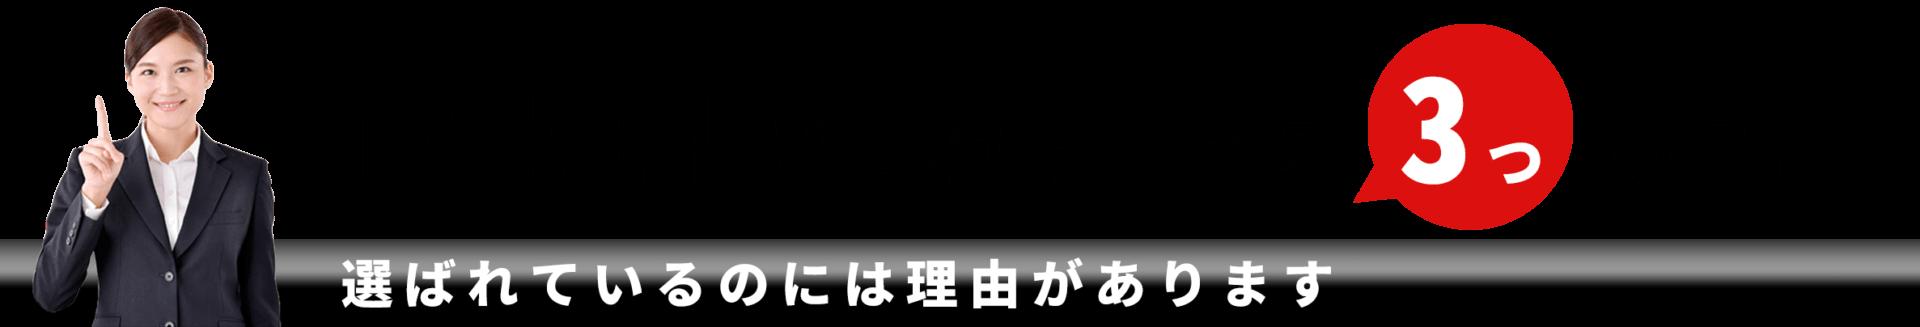 岡山のマンション大規模修繕専門会社